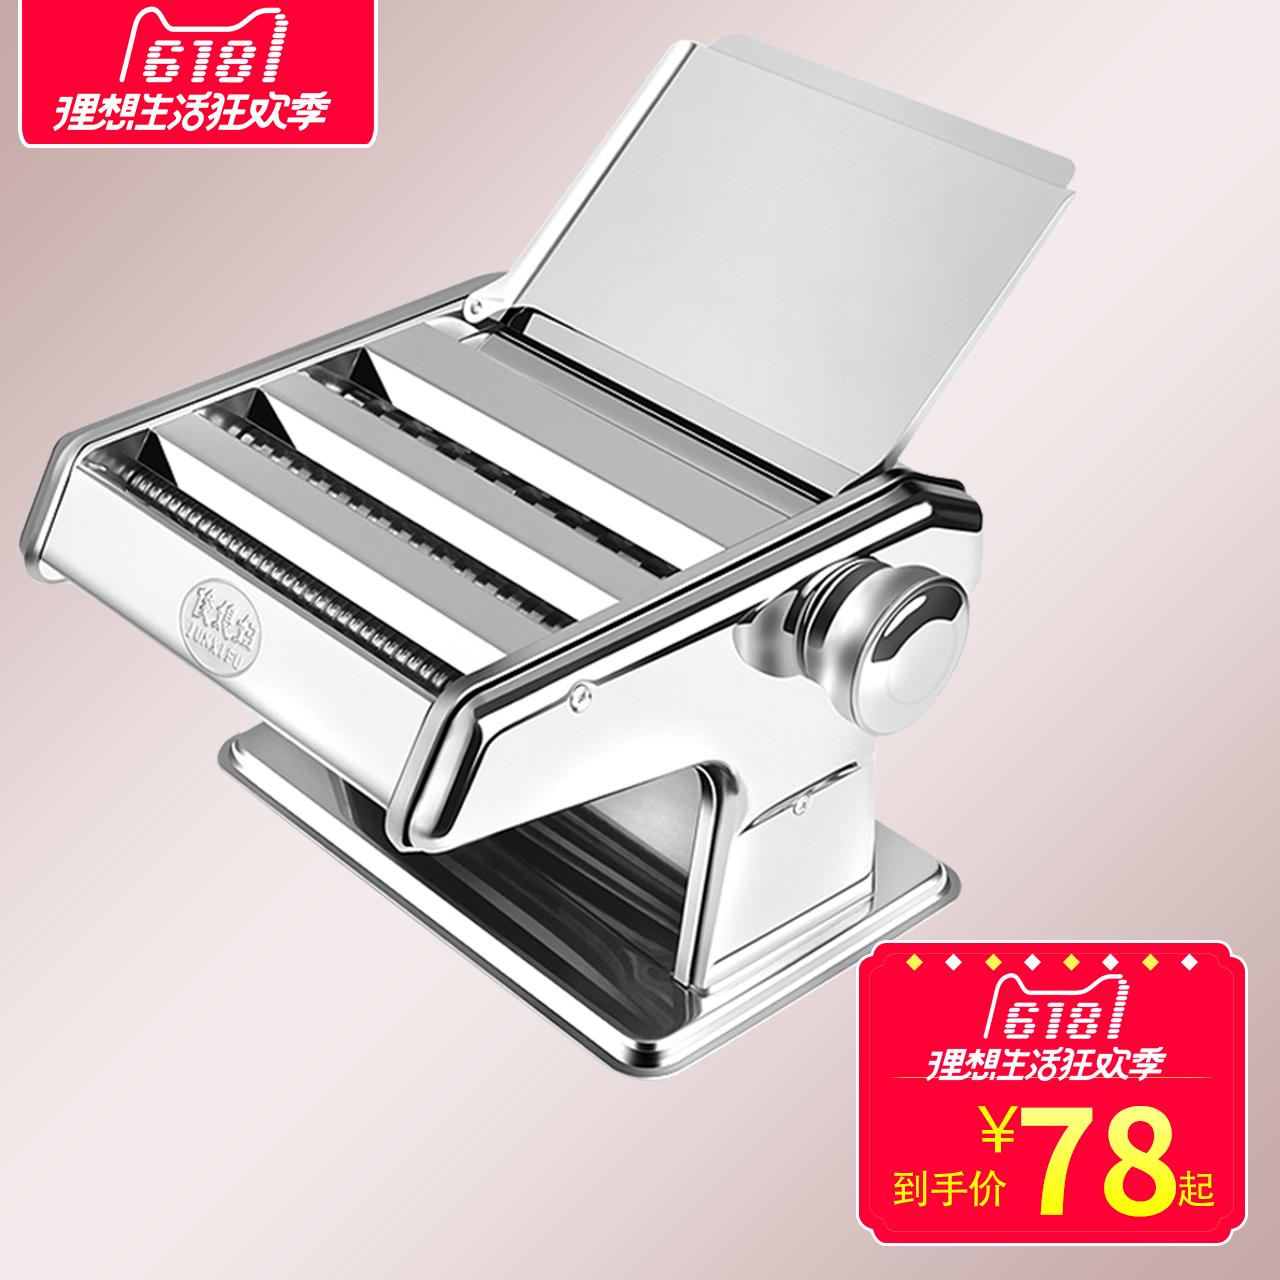 俊媳妇家用面条机小型多功能压面机手动不锈钢饺子馄饨皮擀面机